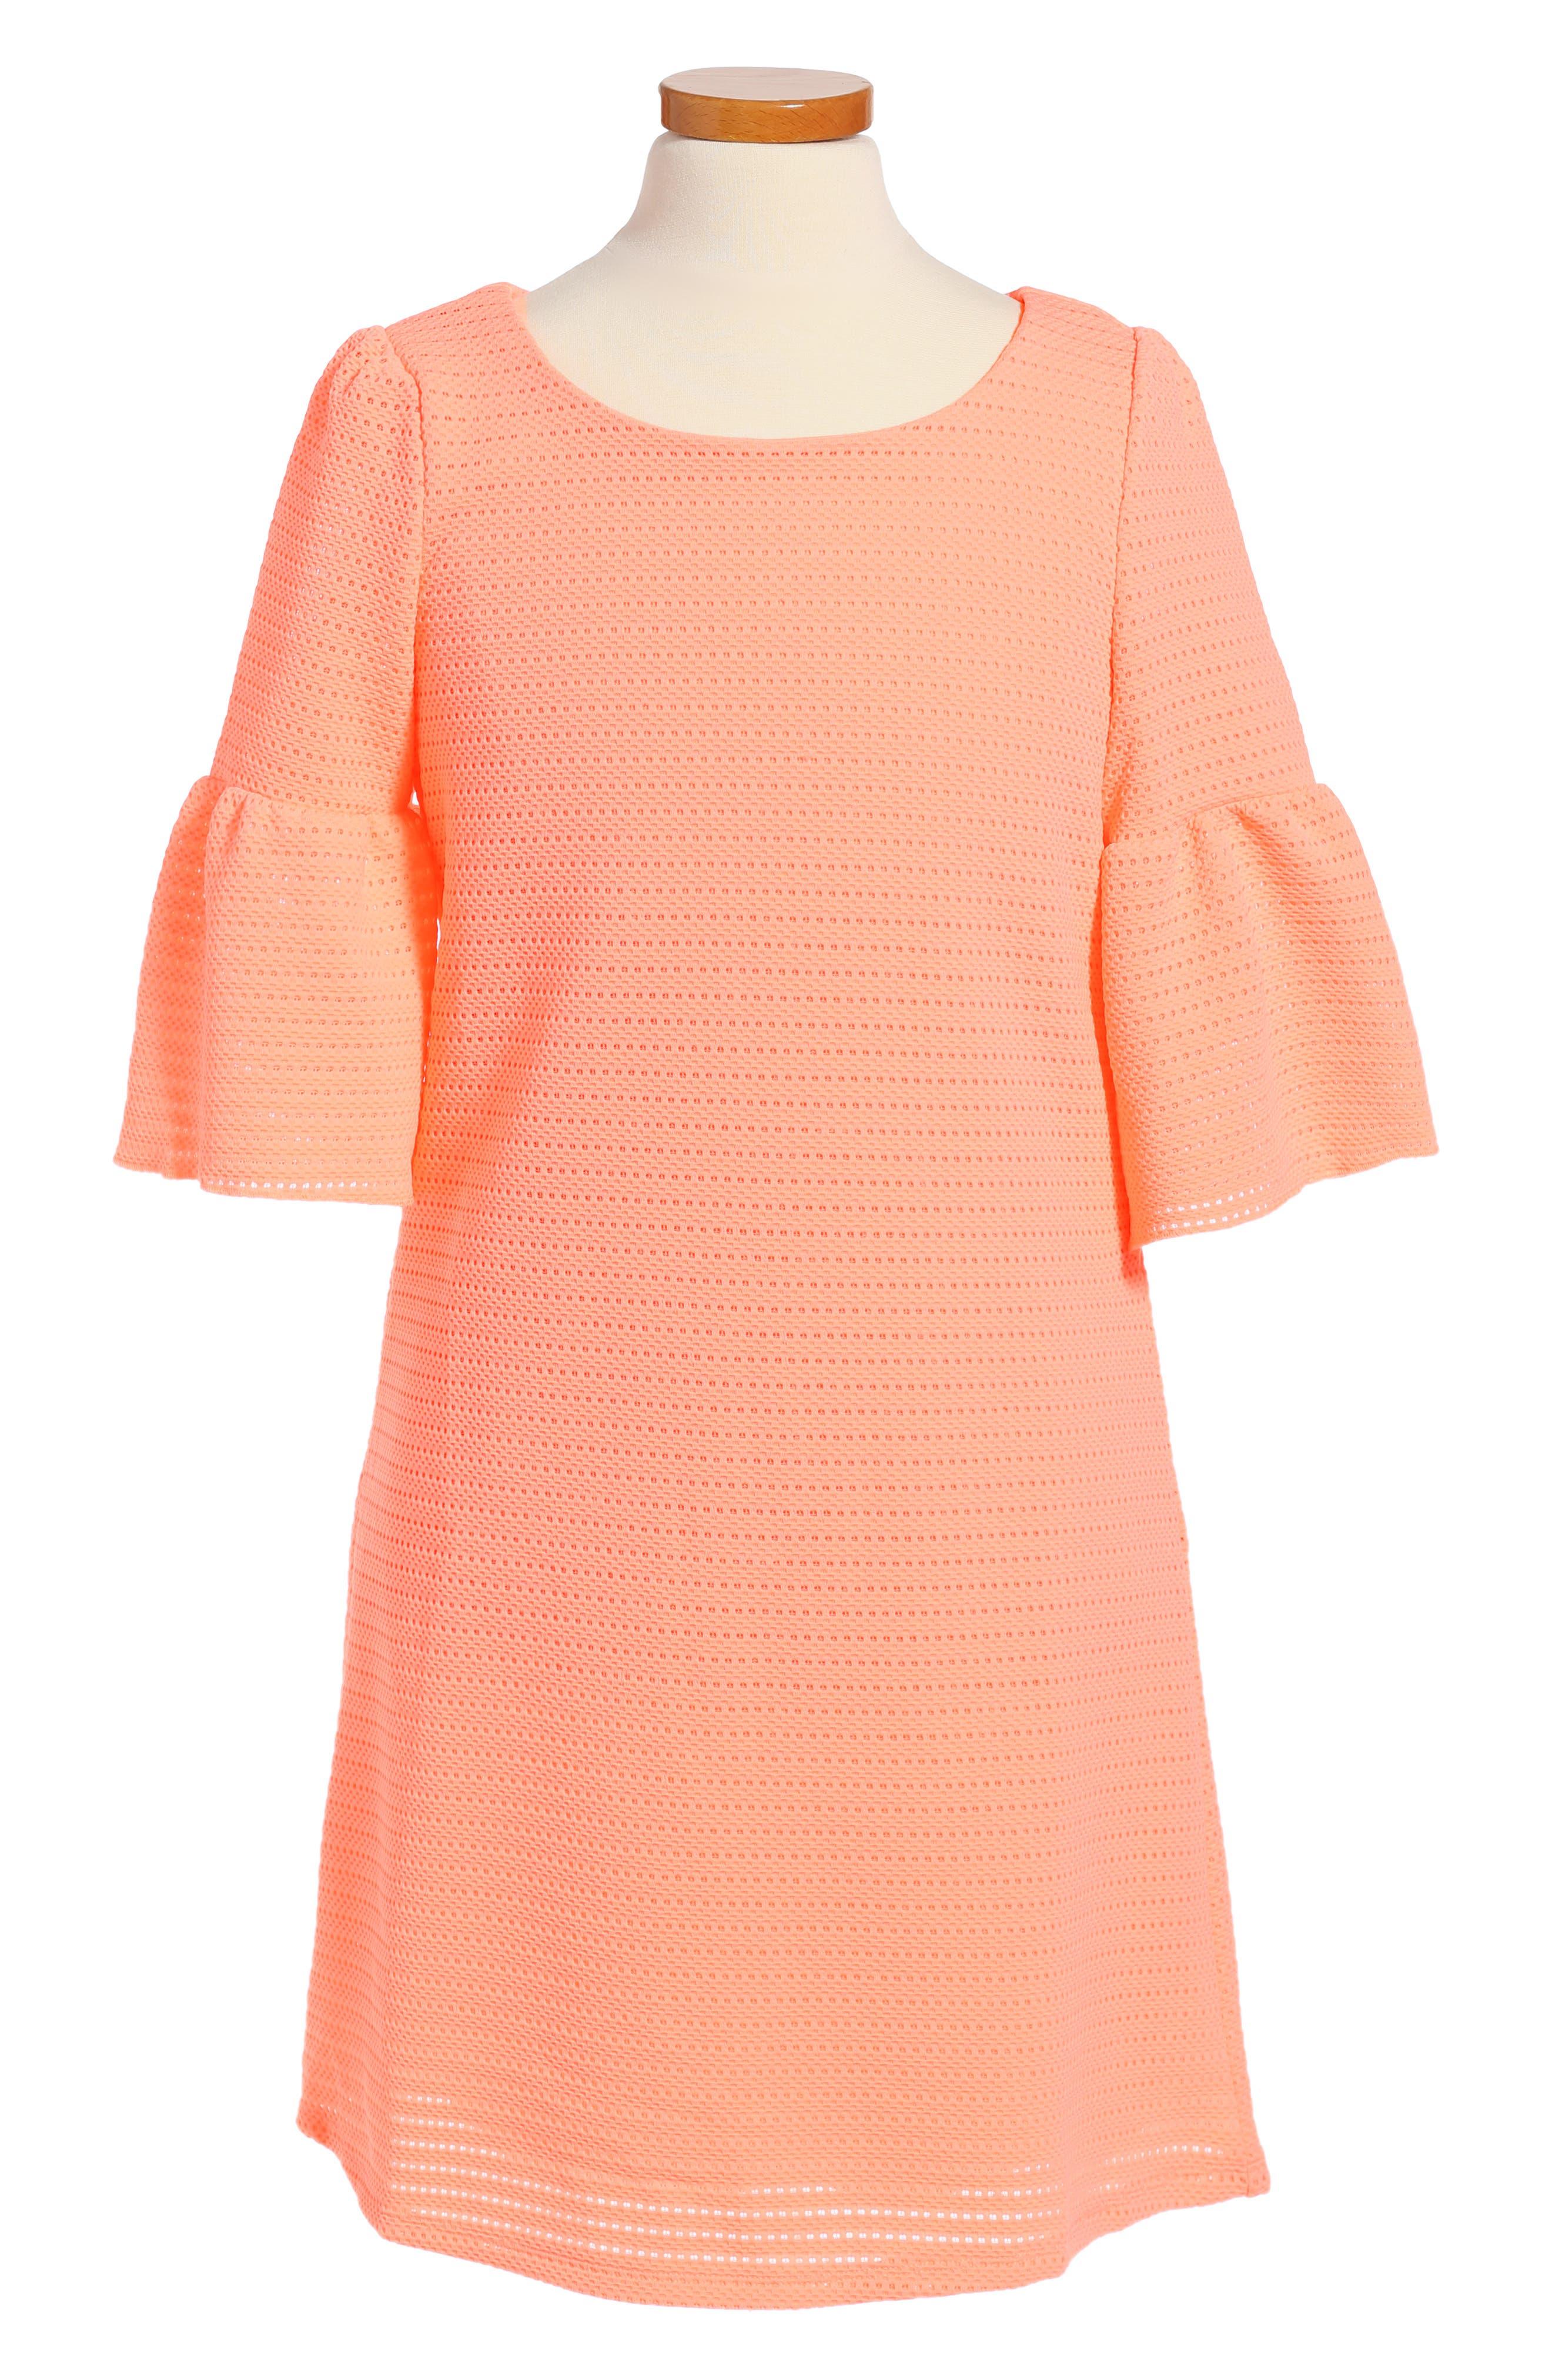 Alternate Image 1 Selected - Love, Nickie Lew Bell Sleeve Dress (Big Girls)